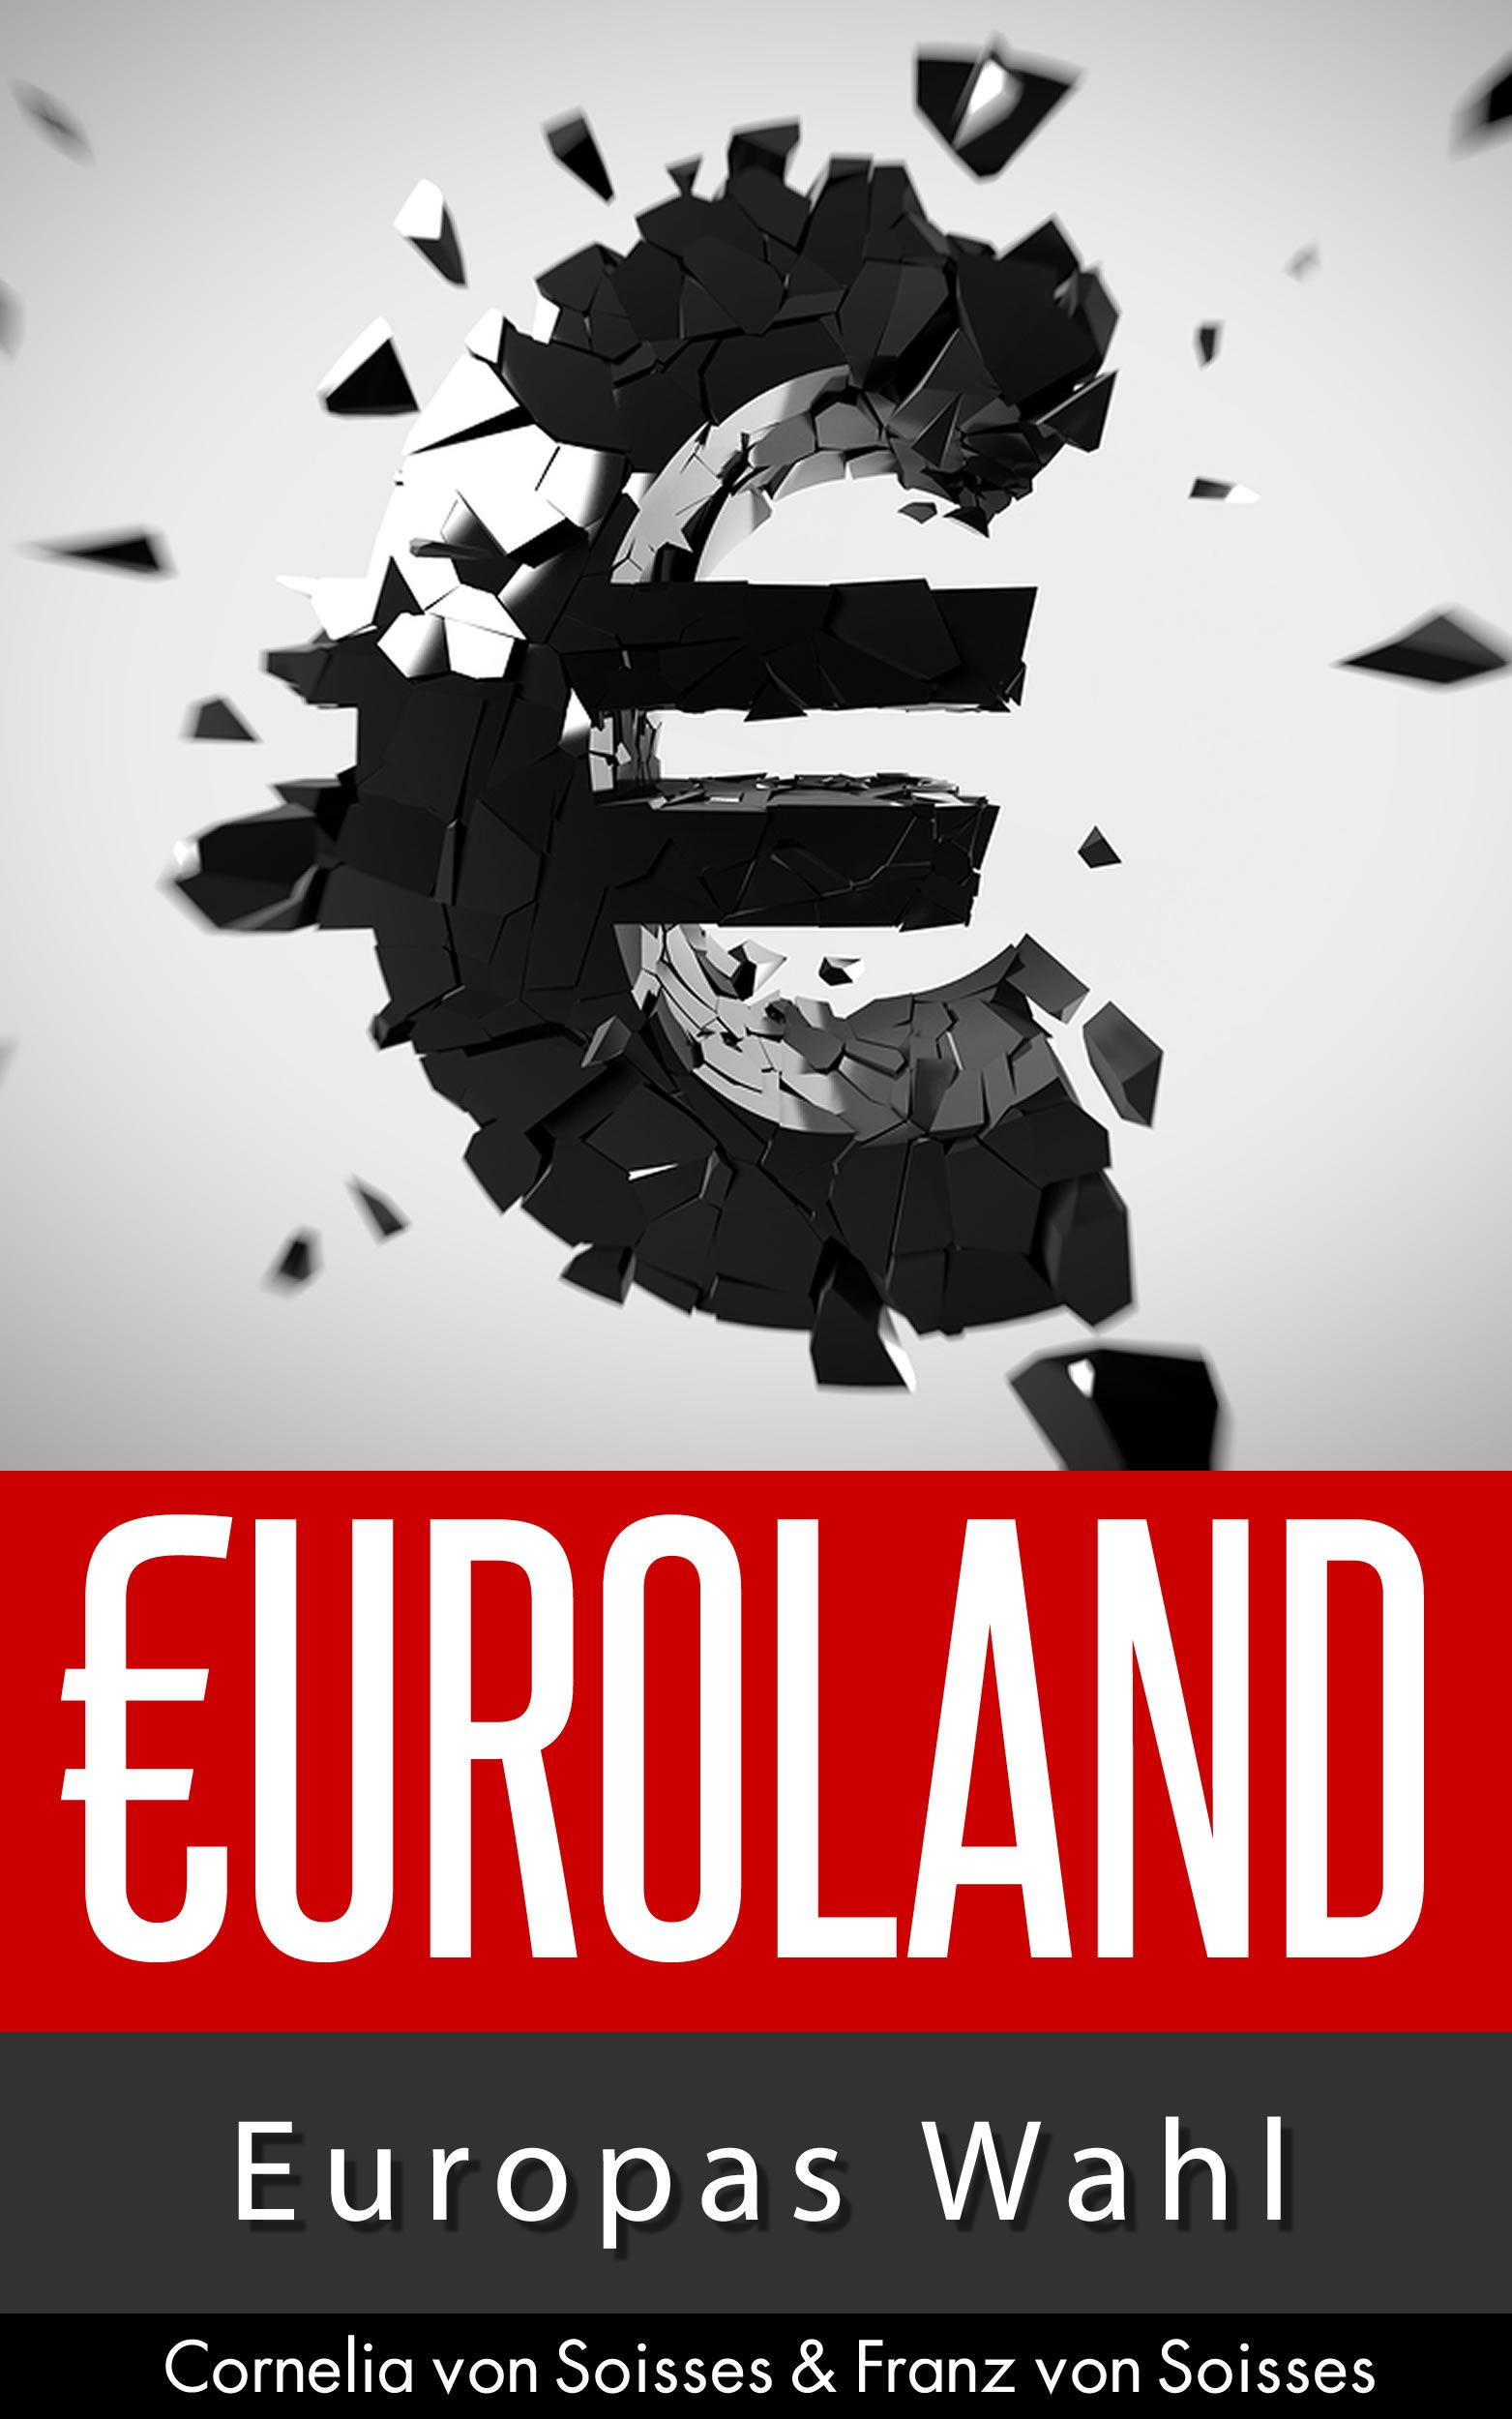 Gleich bei Amazon bestellen! http://stuberpublishing.com/euroland5-ebook Europa steht vor der Wahl, zunächst für das Europaparlament. Das aber nicht allein, es gibt Sezessionsbestrebungen z.B. in Schottland oder Katalonien. Nunmehr gibt es den Konflikt in der Ukraine. Rechtspopulisten erfahren die Zustimmung der Wähler und damit nehmen nationale Eigeninteressen zu wie umgekehrt die europäische Idee verliert.